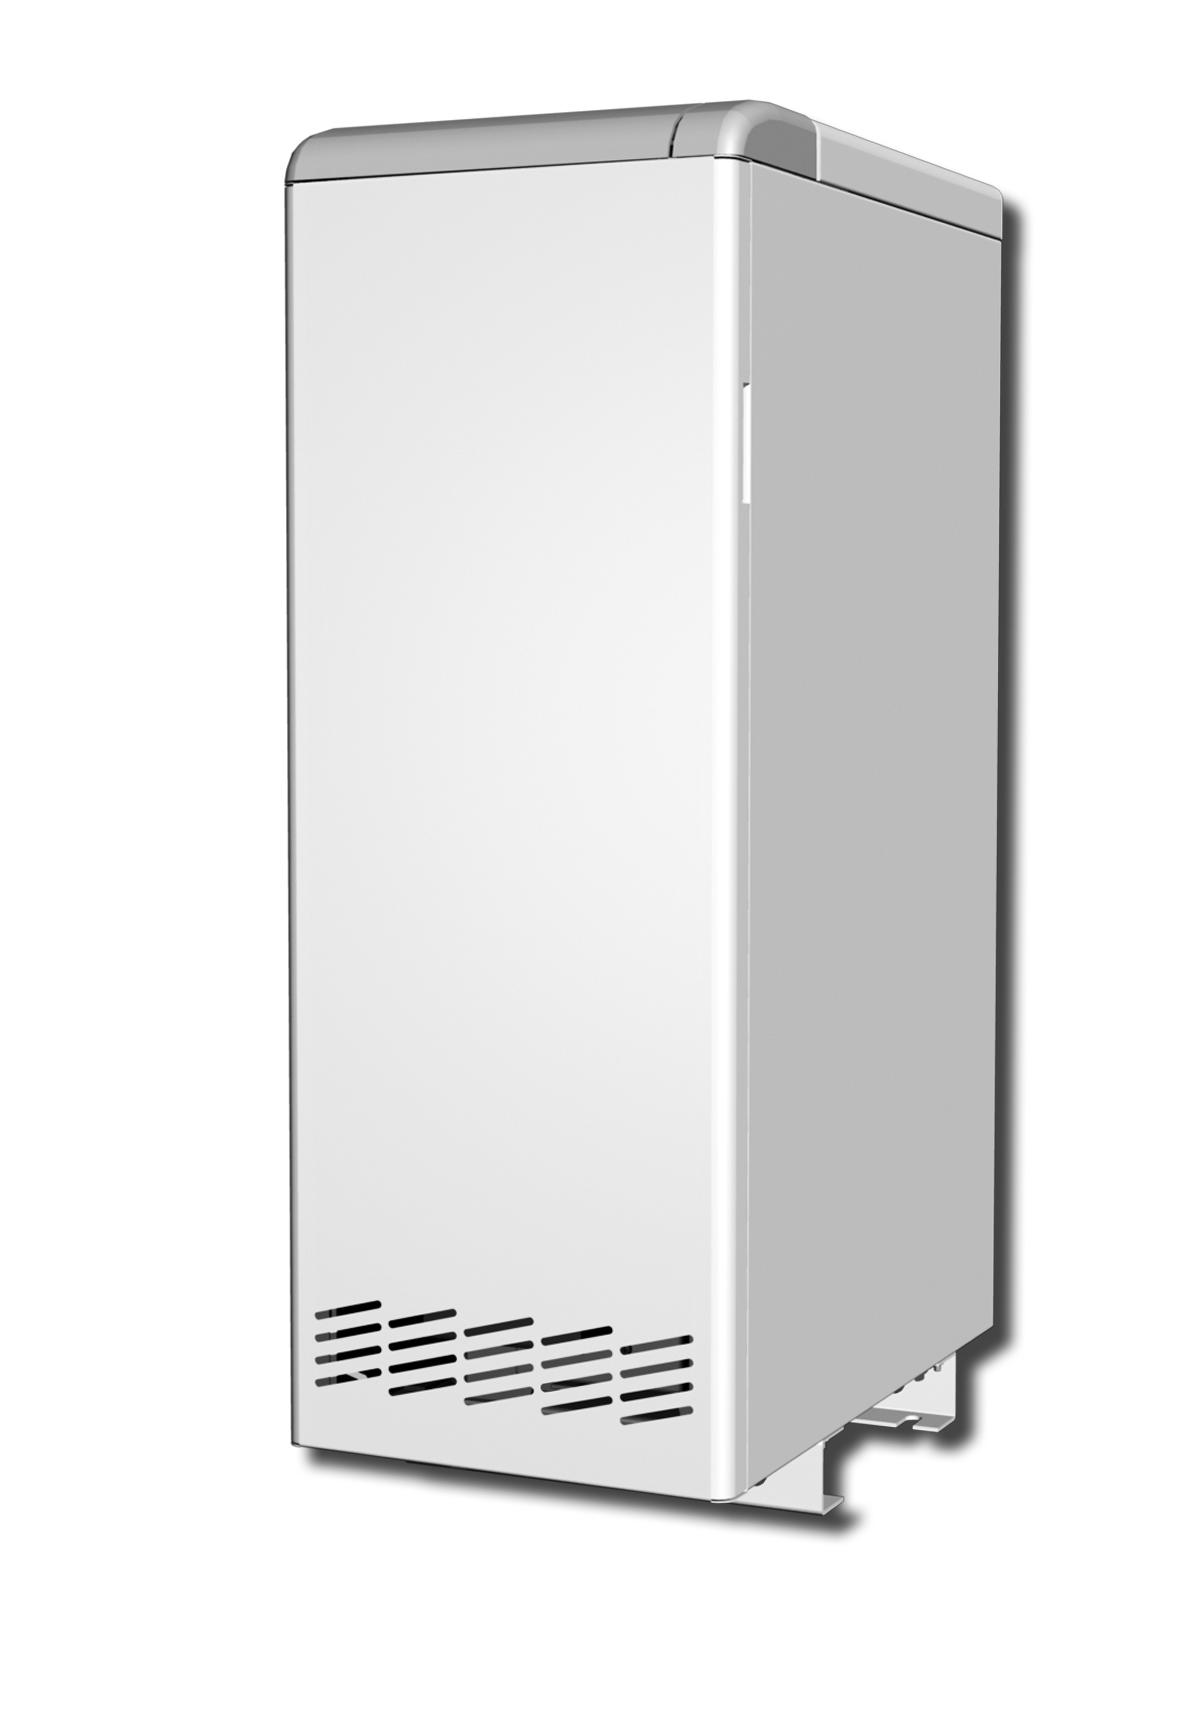 Аогв с стольным или чугунным теплообменником какой теплообменник выбрать ротерный или пластинчатый